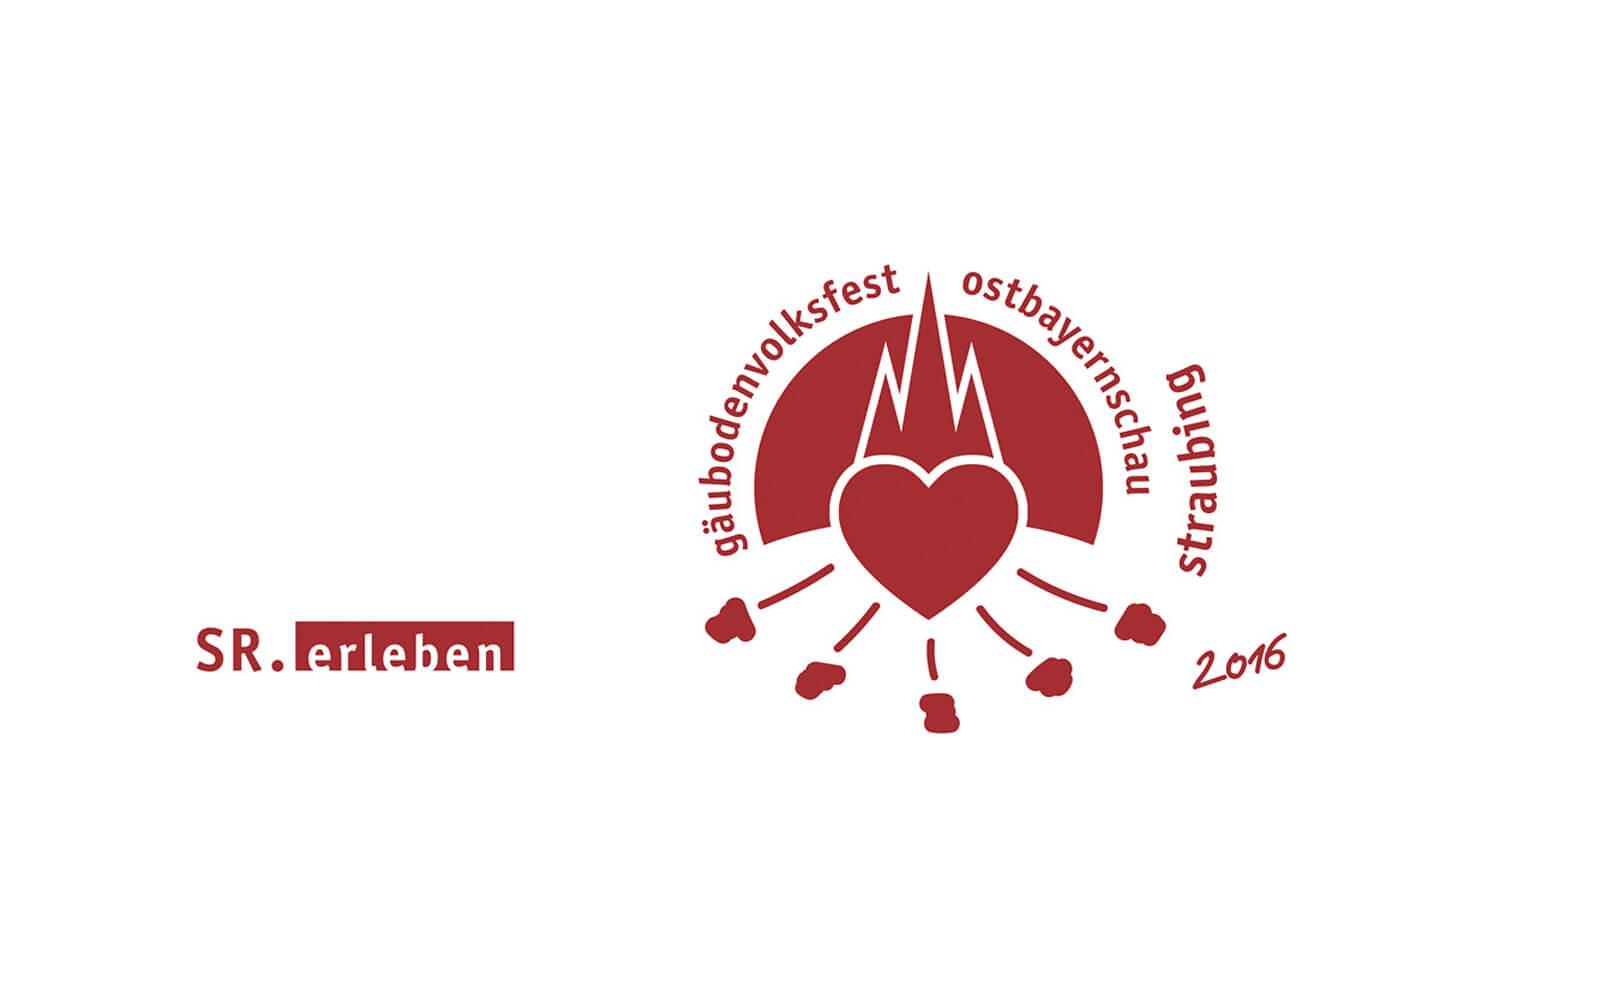 Motiv Sammlerkrug für's Gäubodenvolksfest & Ostbayernschau 2016